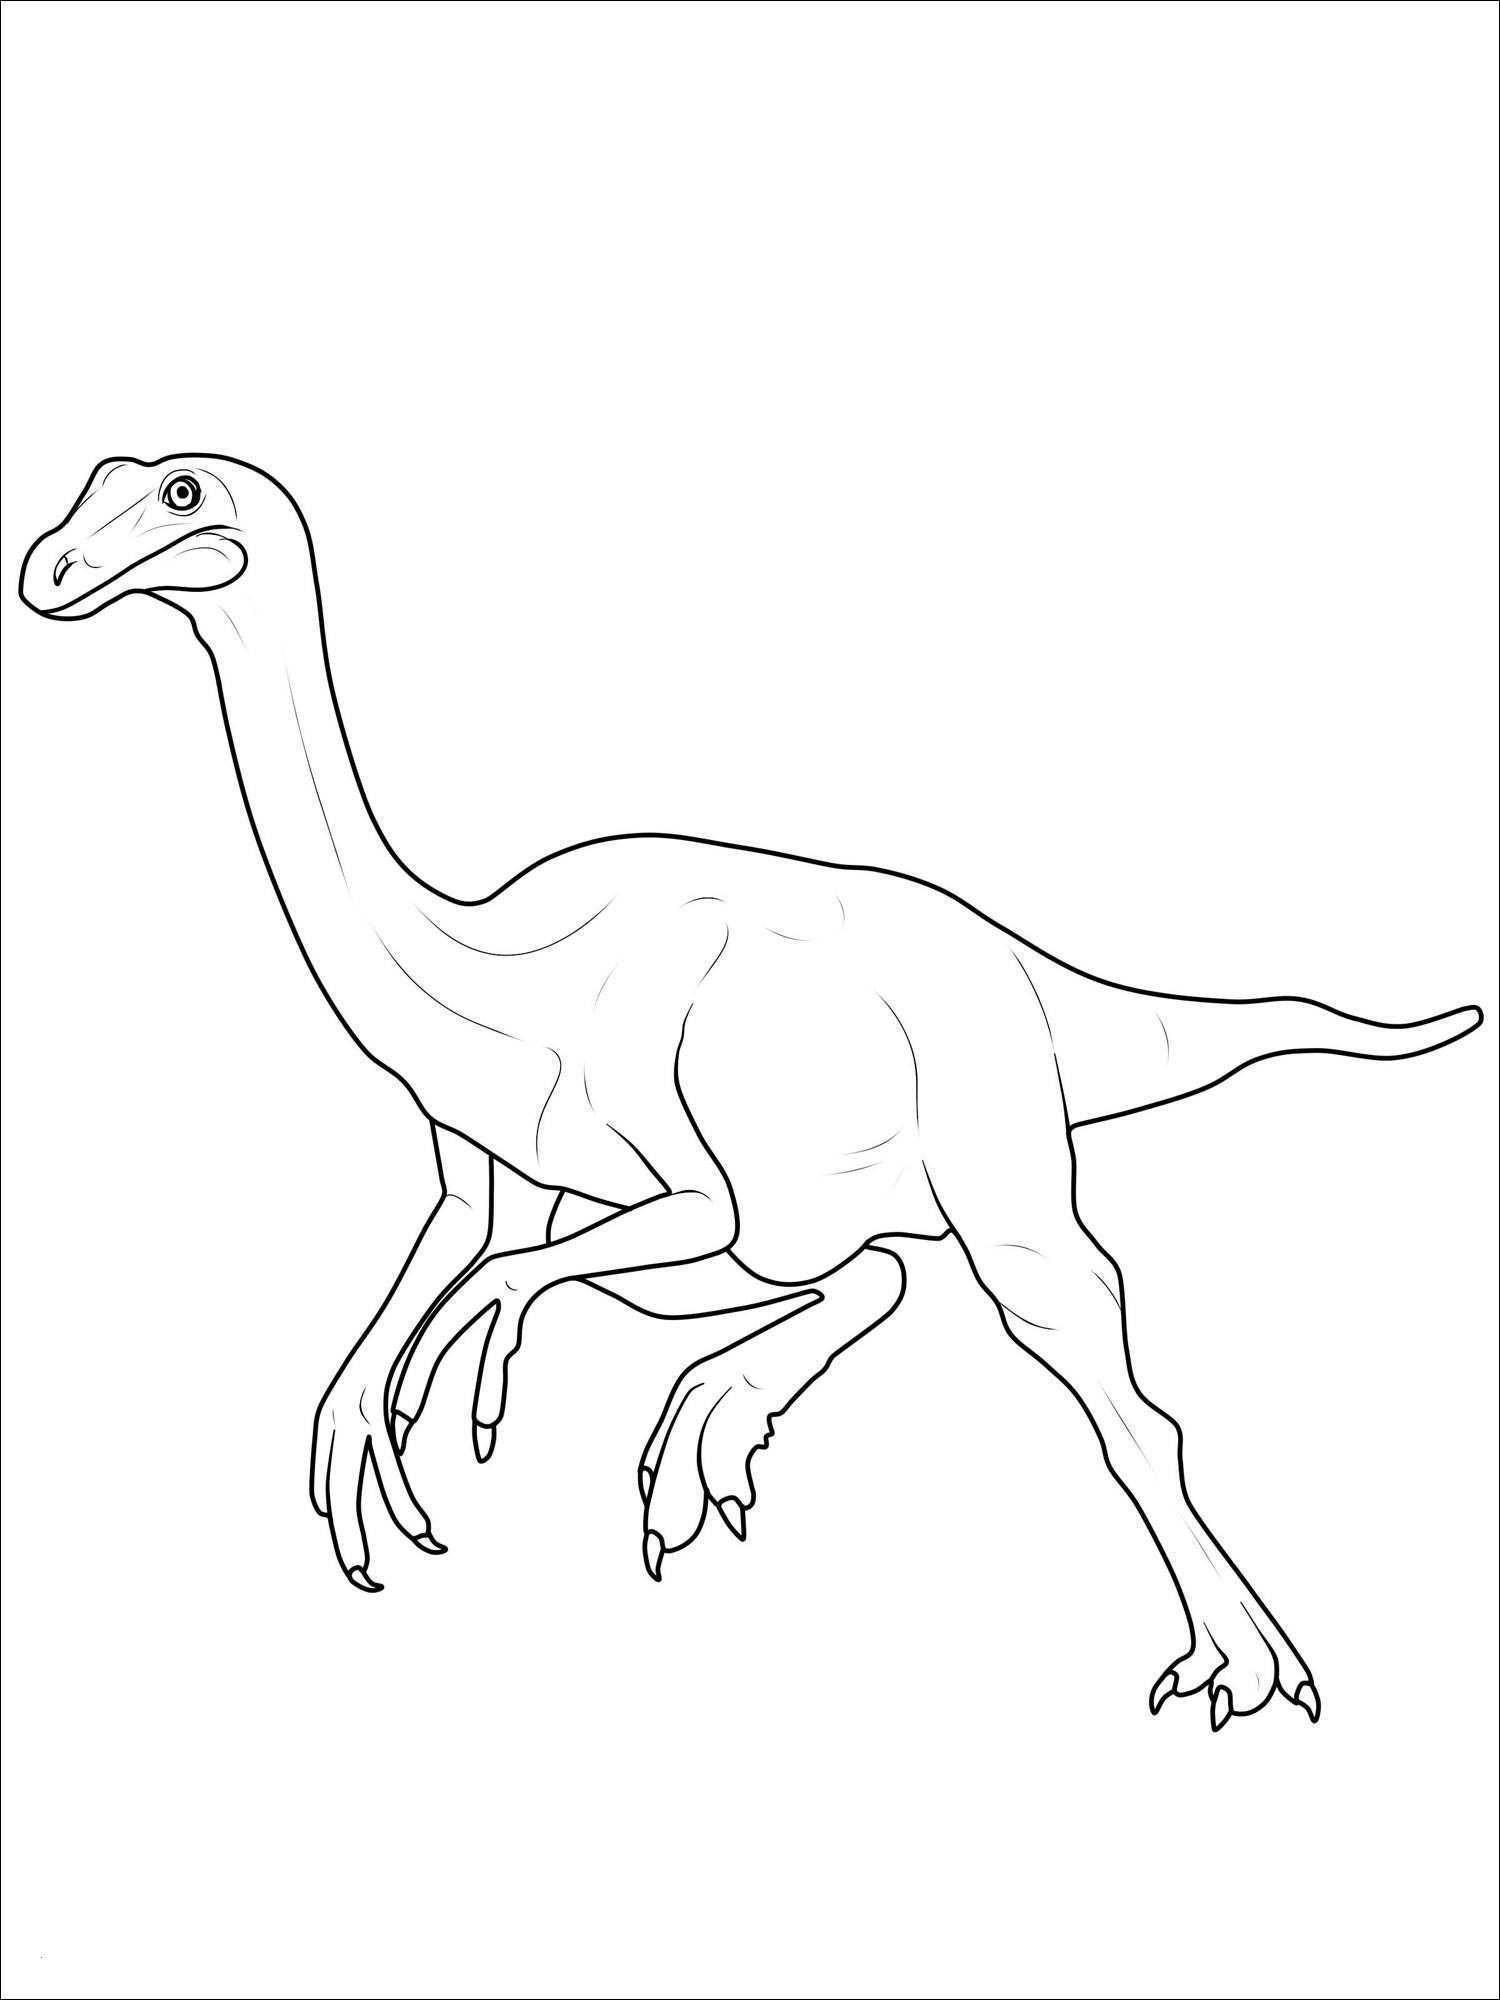 Dino Zug Ausmalbilder Genial Ausmalbilder Dinos Kostenlos 35 Ausmalbilder Dino Zug Fotos